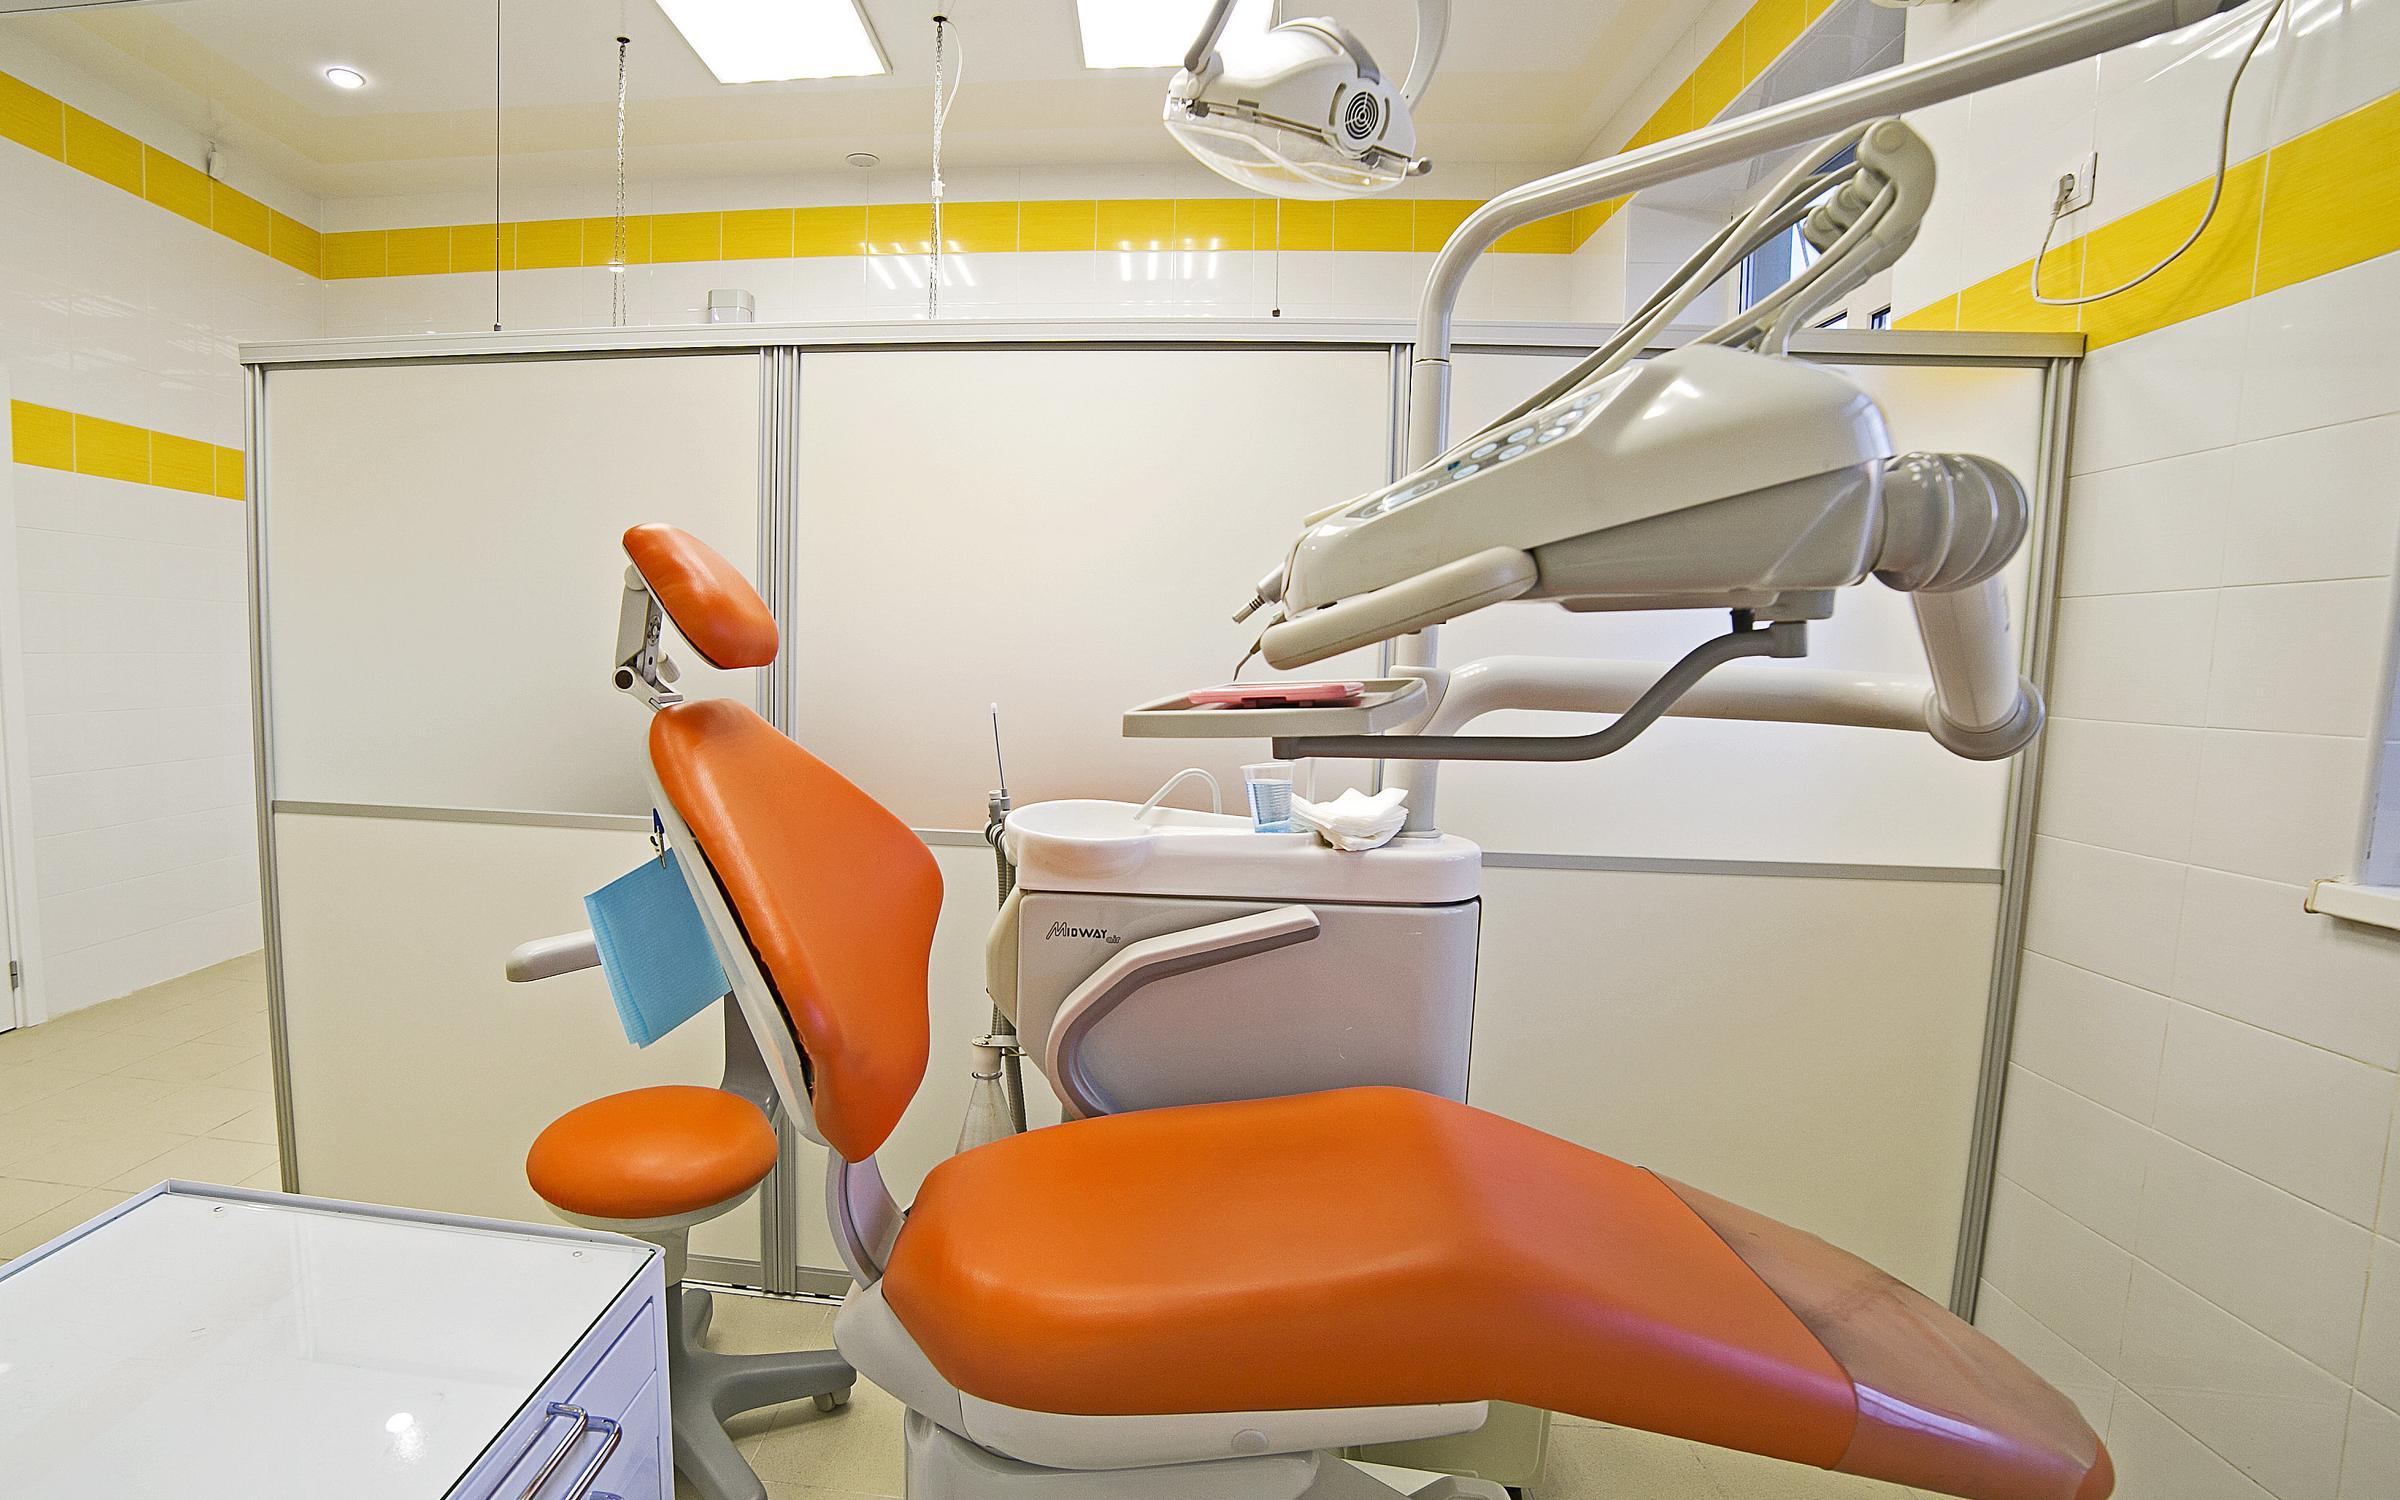 фотография Стоматологической клиники Аврора в Адлерском внутригородском районе